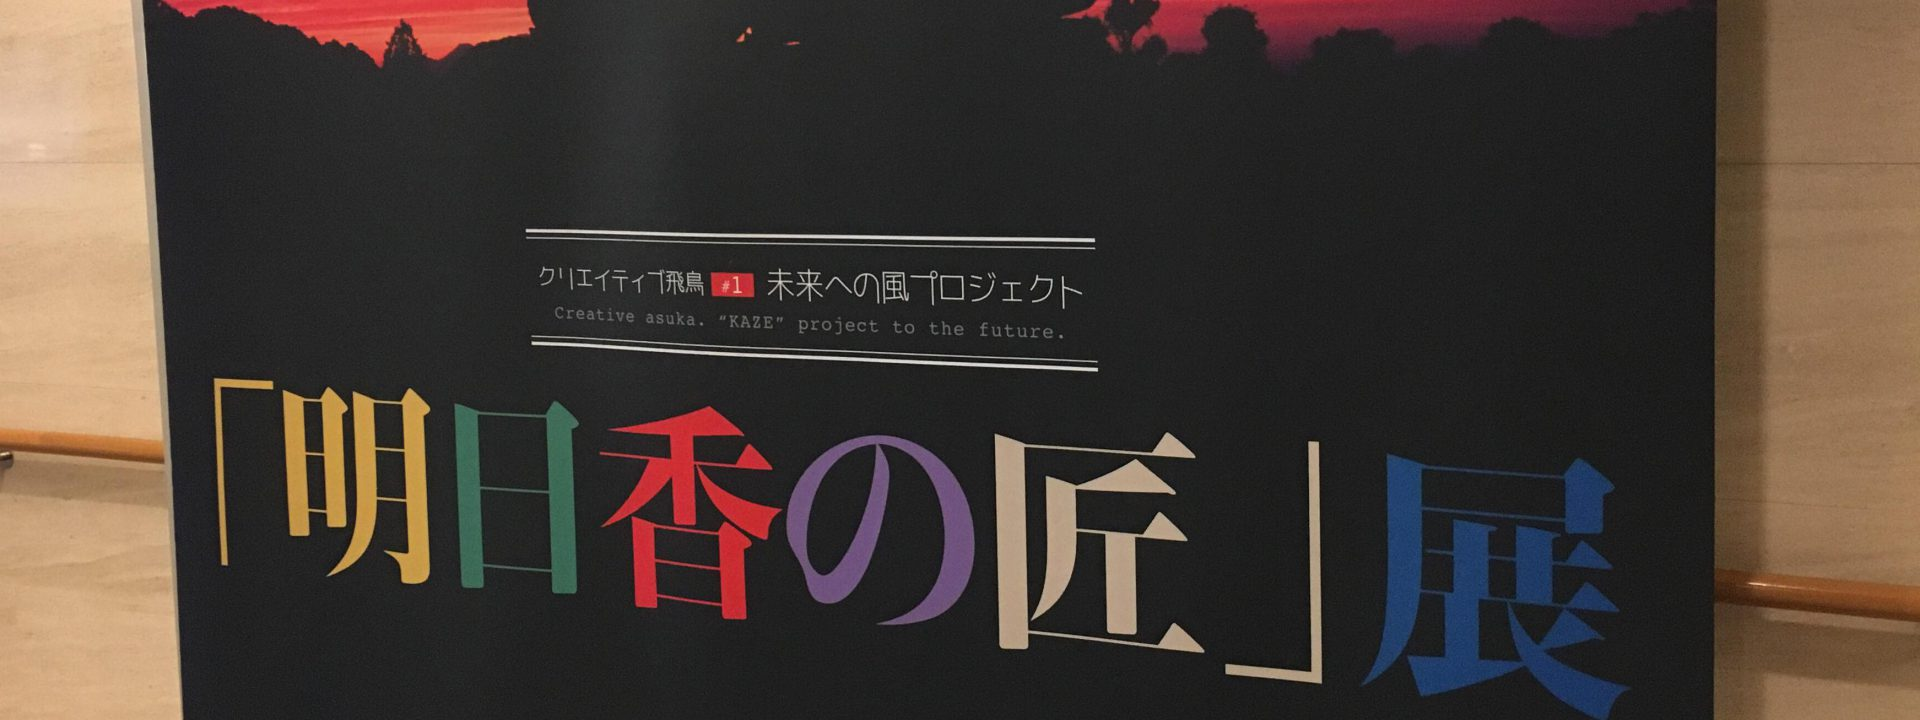 万葉文化館「明日香の匠」展へ